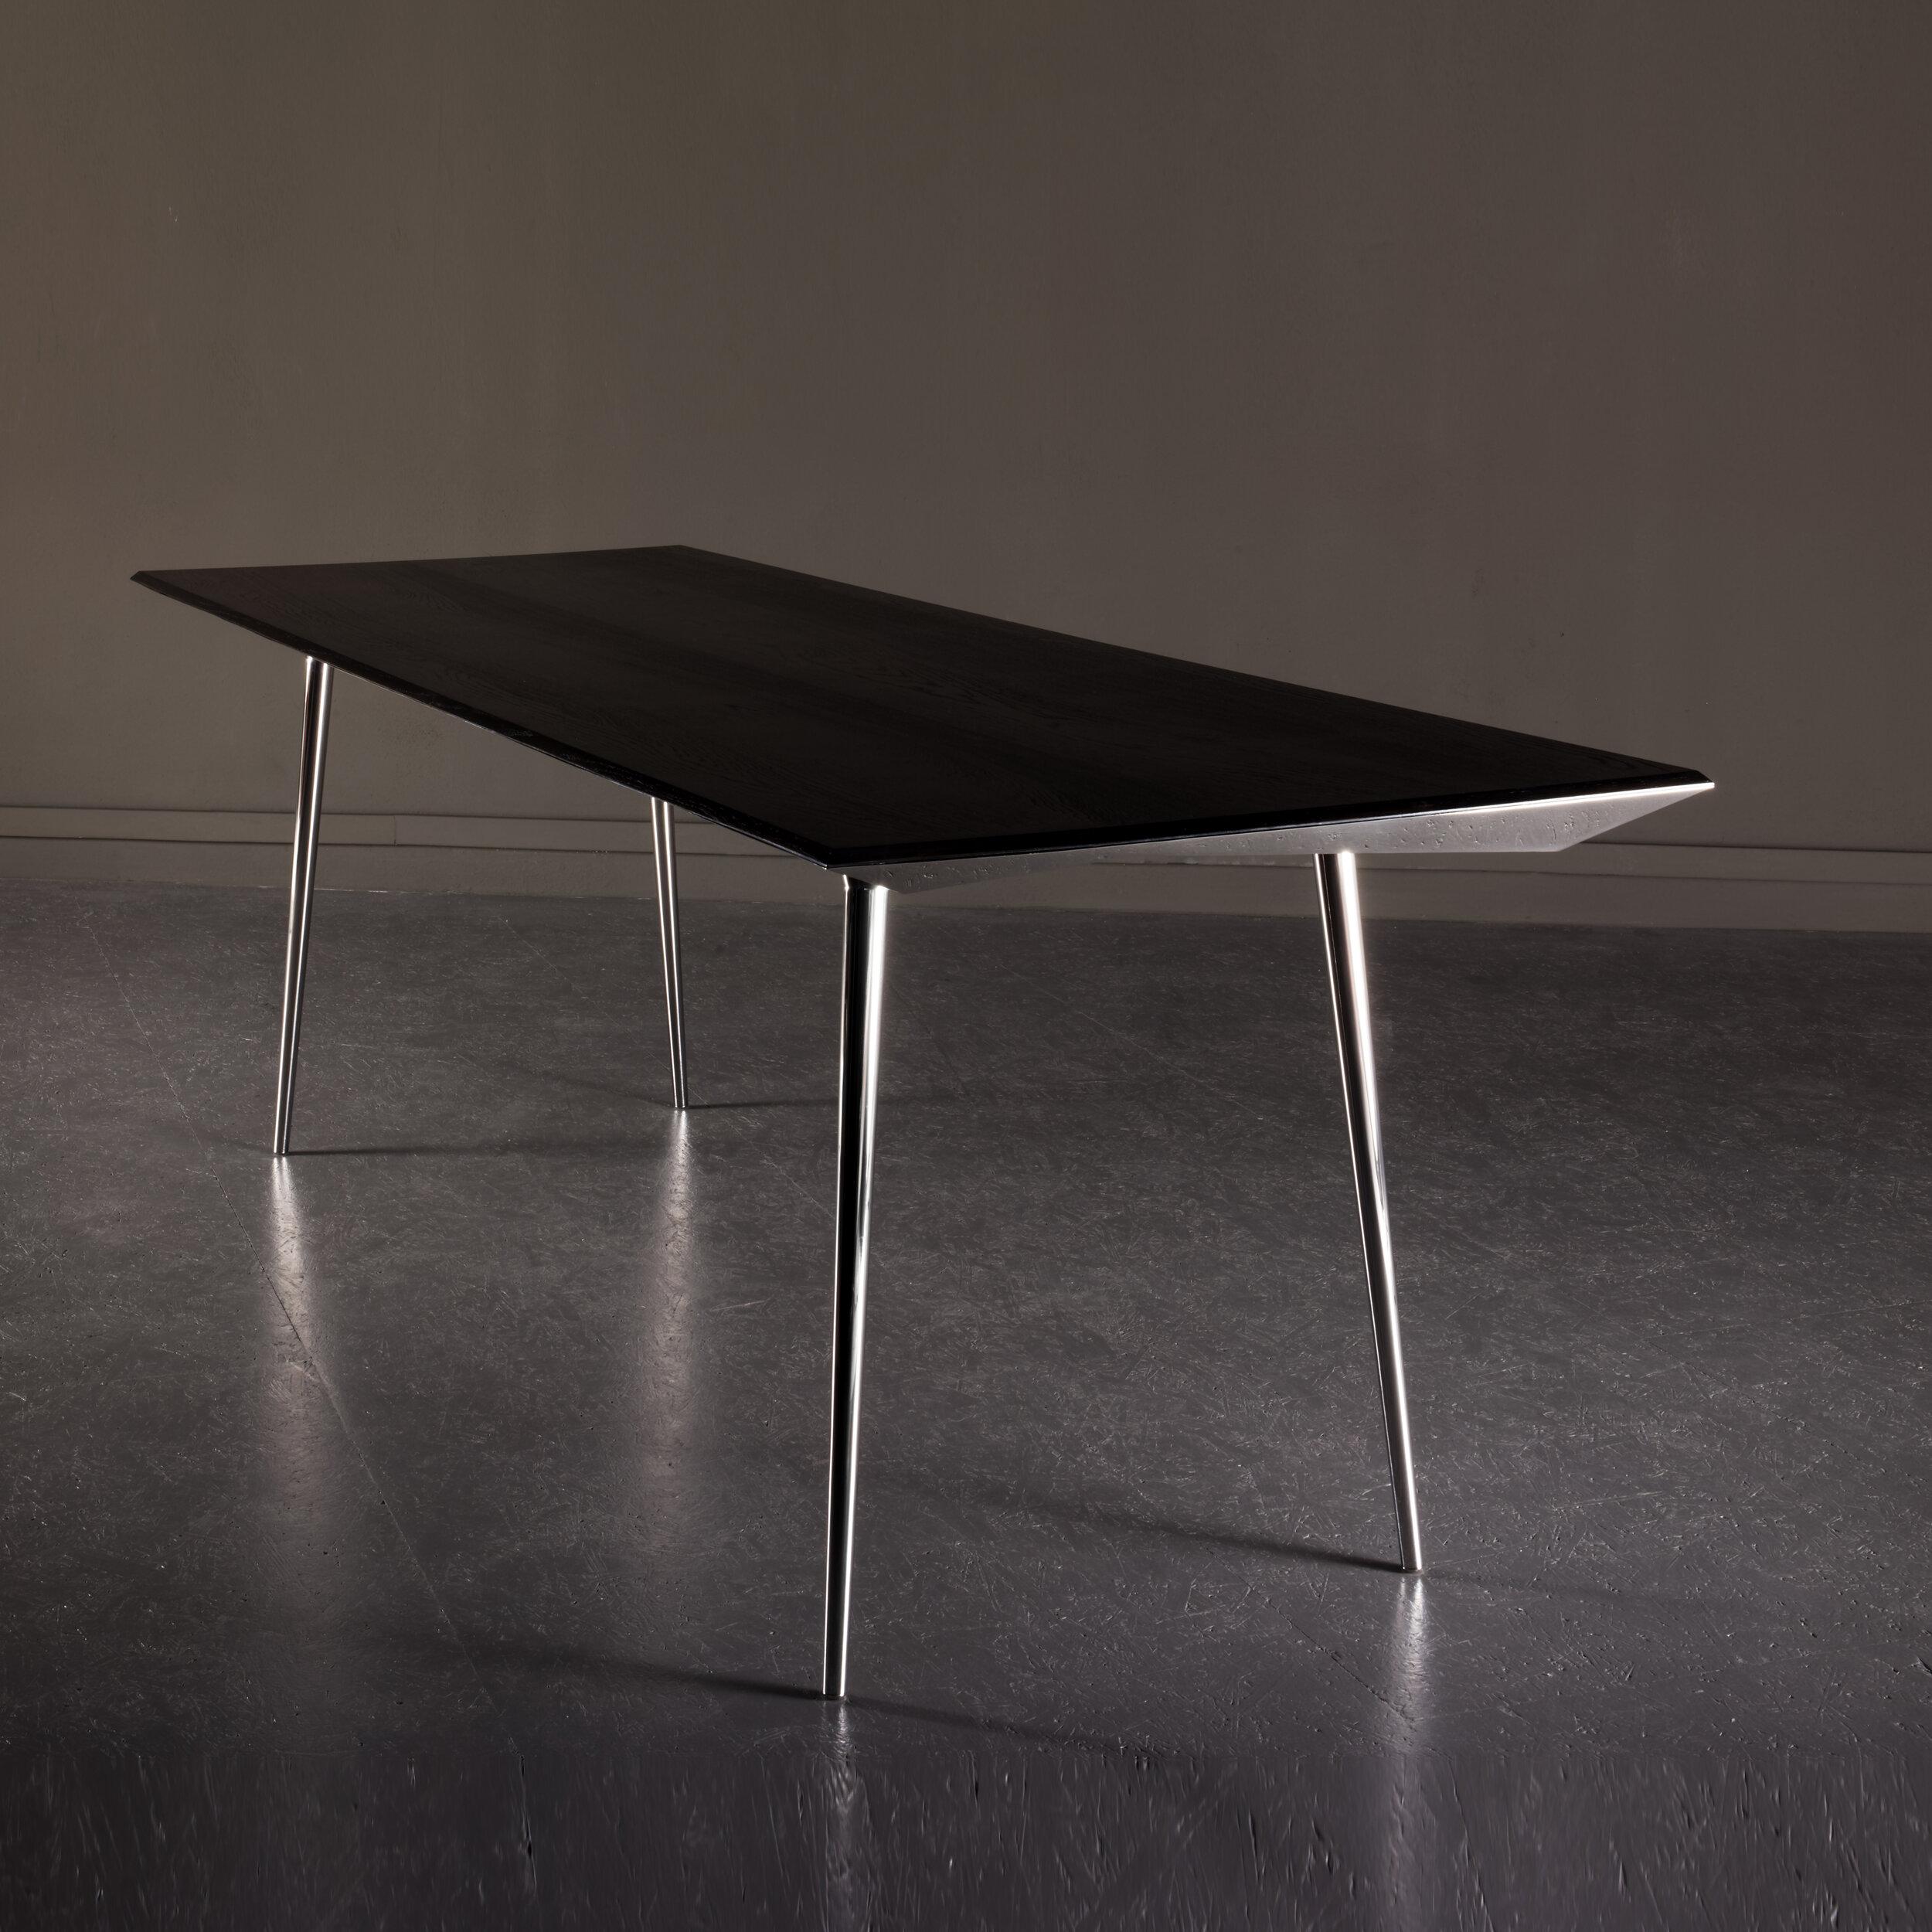 Odile Decq Les Ateliers Courbet Domeau Peres Desk Table